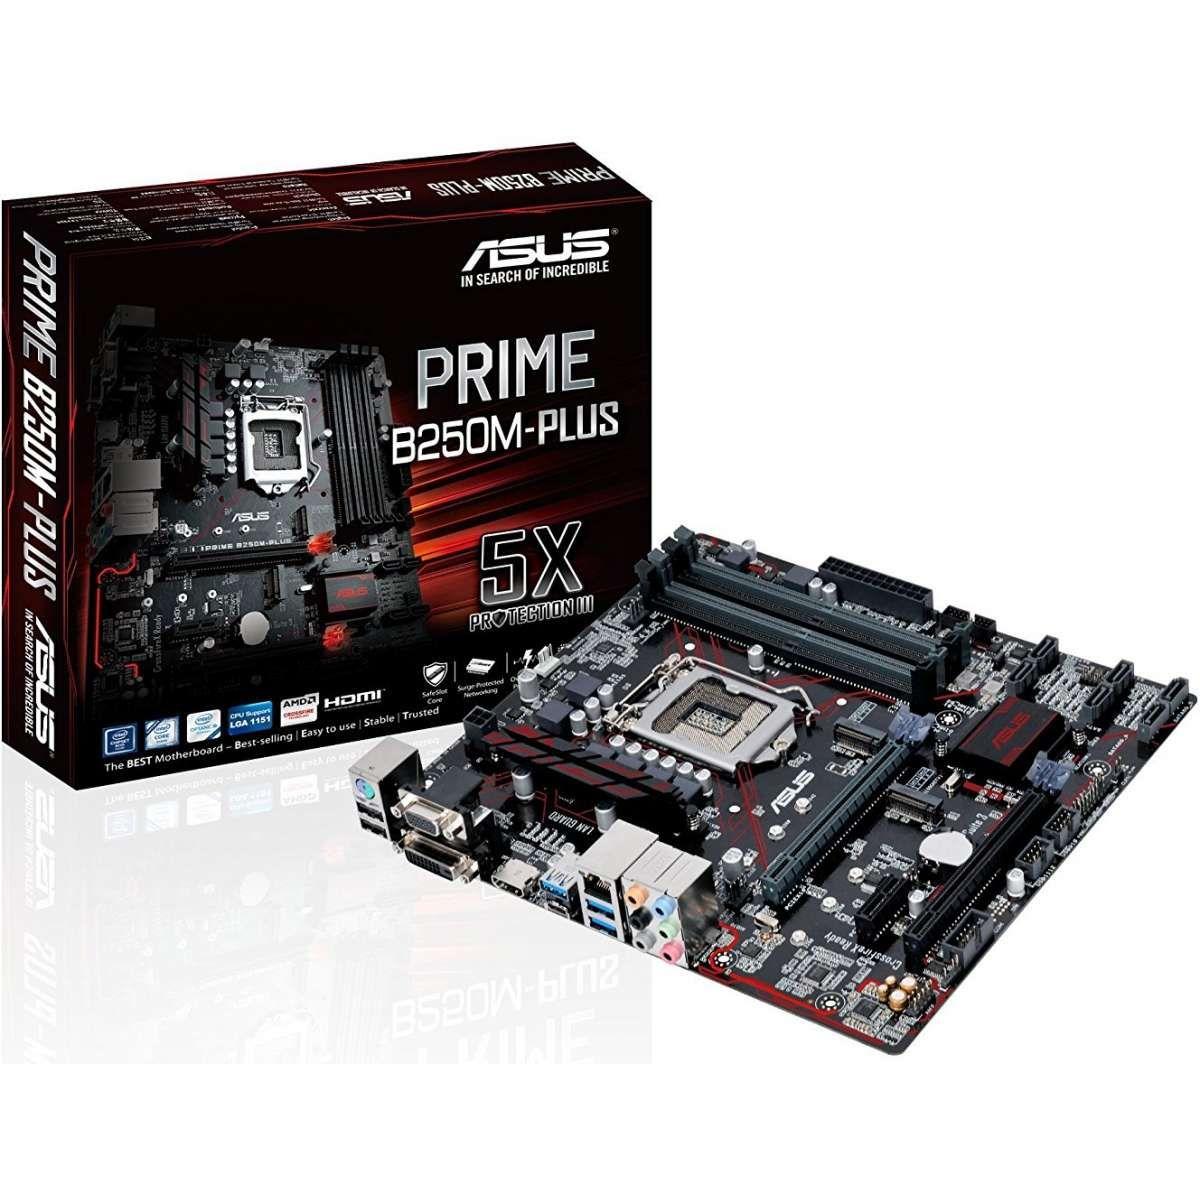 Placa Mãe Asus p/ Intel LGA 1151 mATX Prime B250M-Plus/BR DDR4, CFX,VGA/DVI/HDMI, USB 3.0,